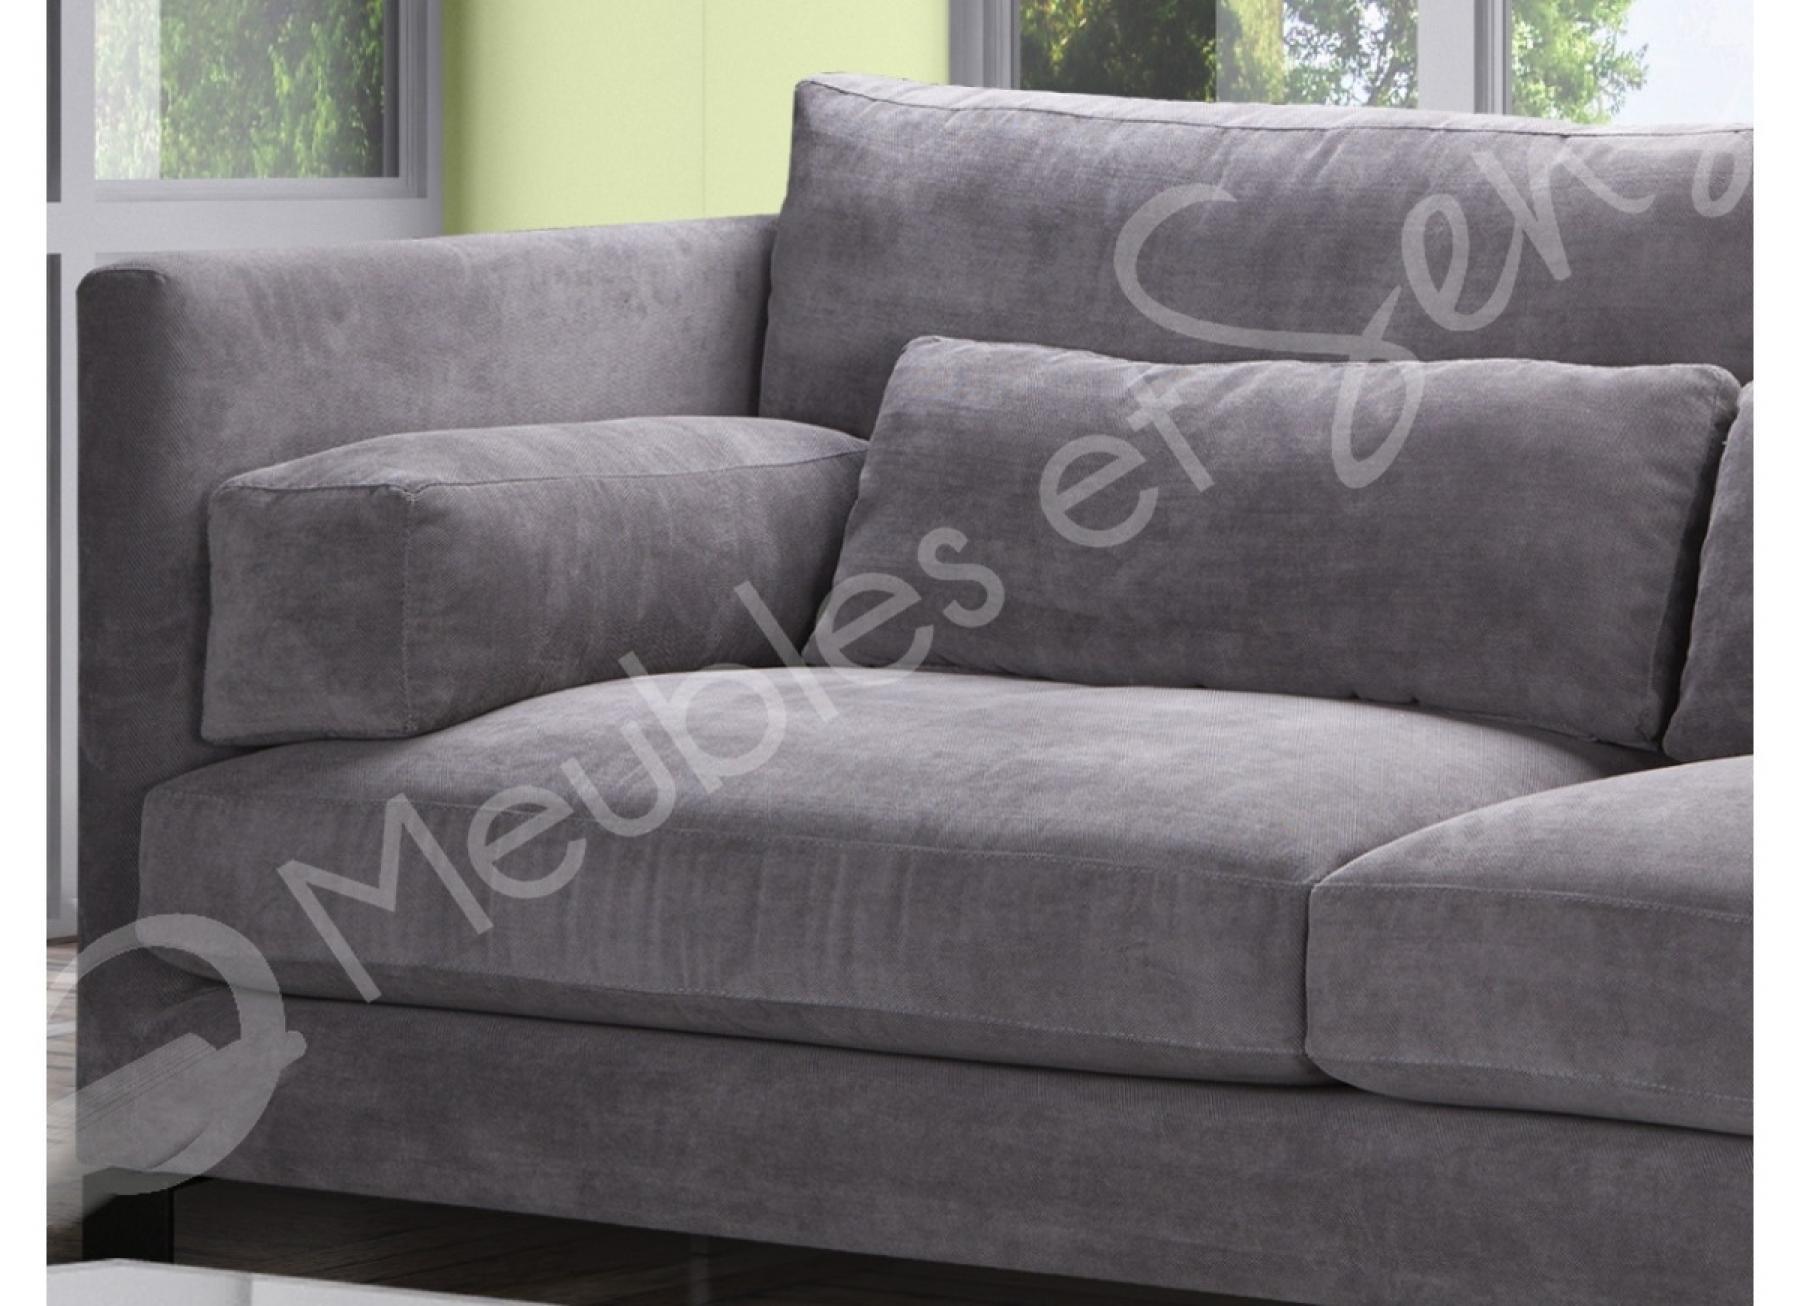 canape tres confortable conceptions de maison. Black Bedroom Furniture Sets. Home Design Ideas